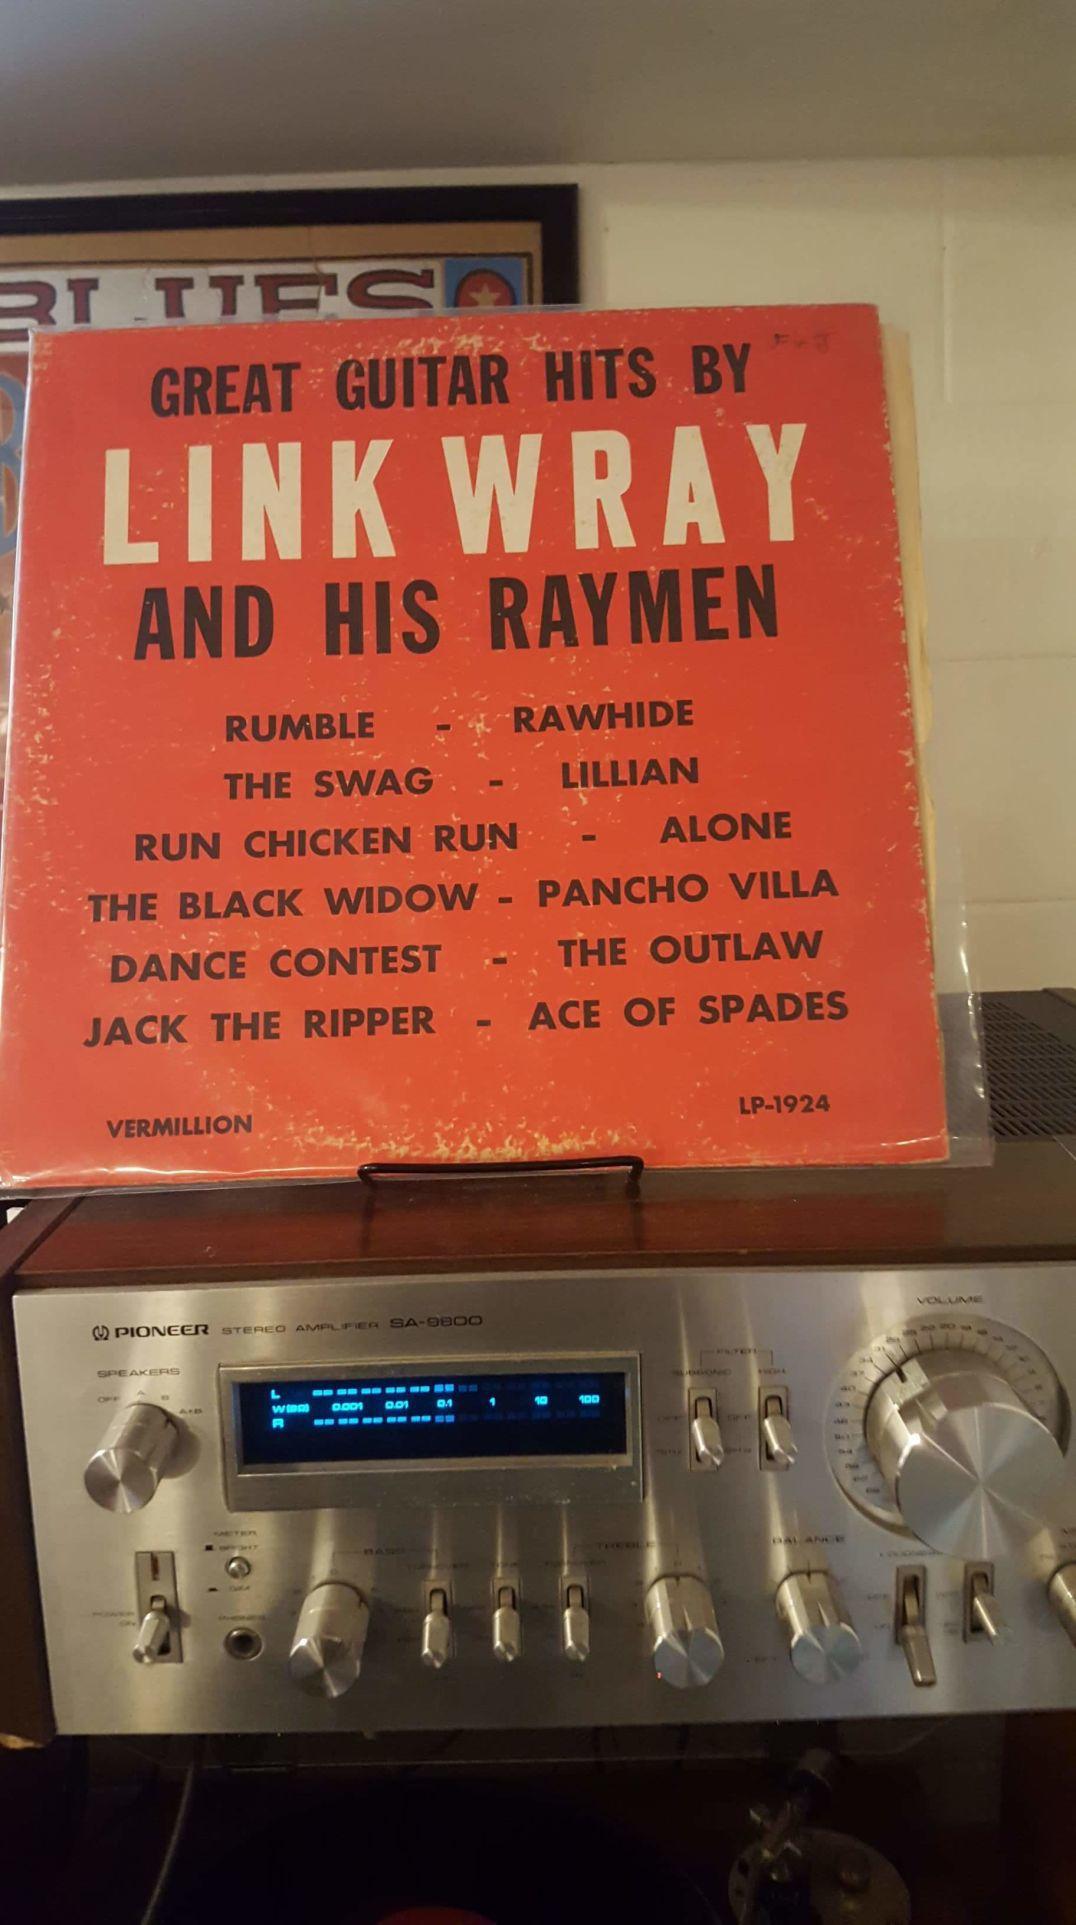 Link Wray album